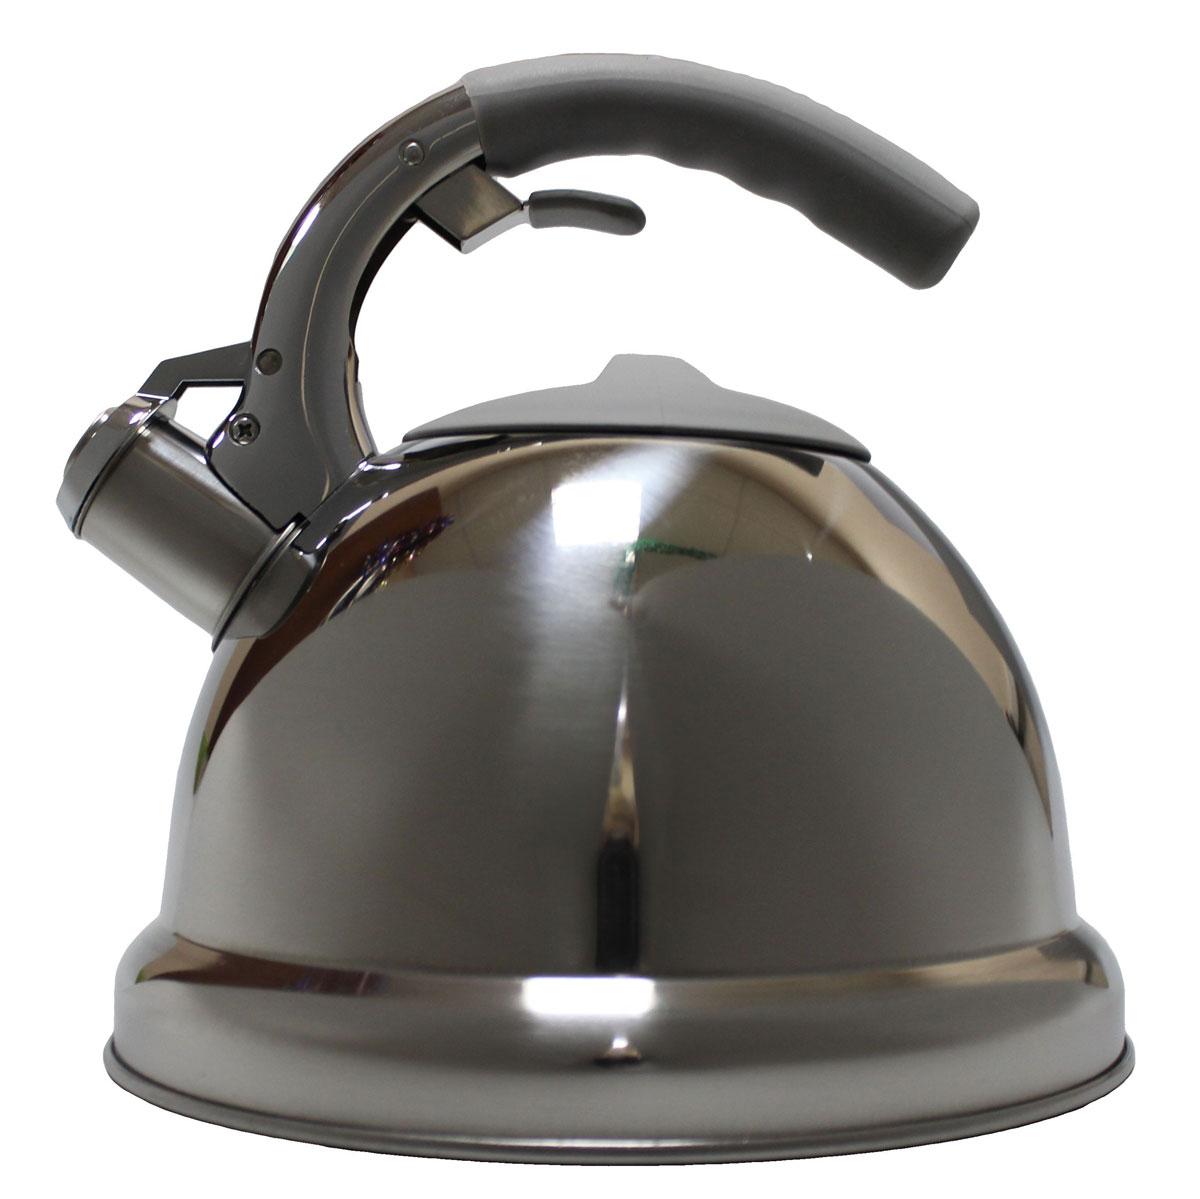 Чайник Vetta Вена, со свистком, 3 л94672Зеркальный чайник, объемом 3,0 л. Изготовлен из нержавеющей стали. Имеет свисток, который сообщит о закипании воды. Отлично подходит для индукционных варочных поверхностей.